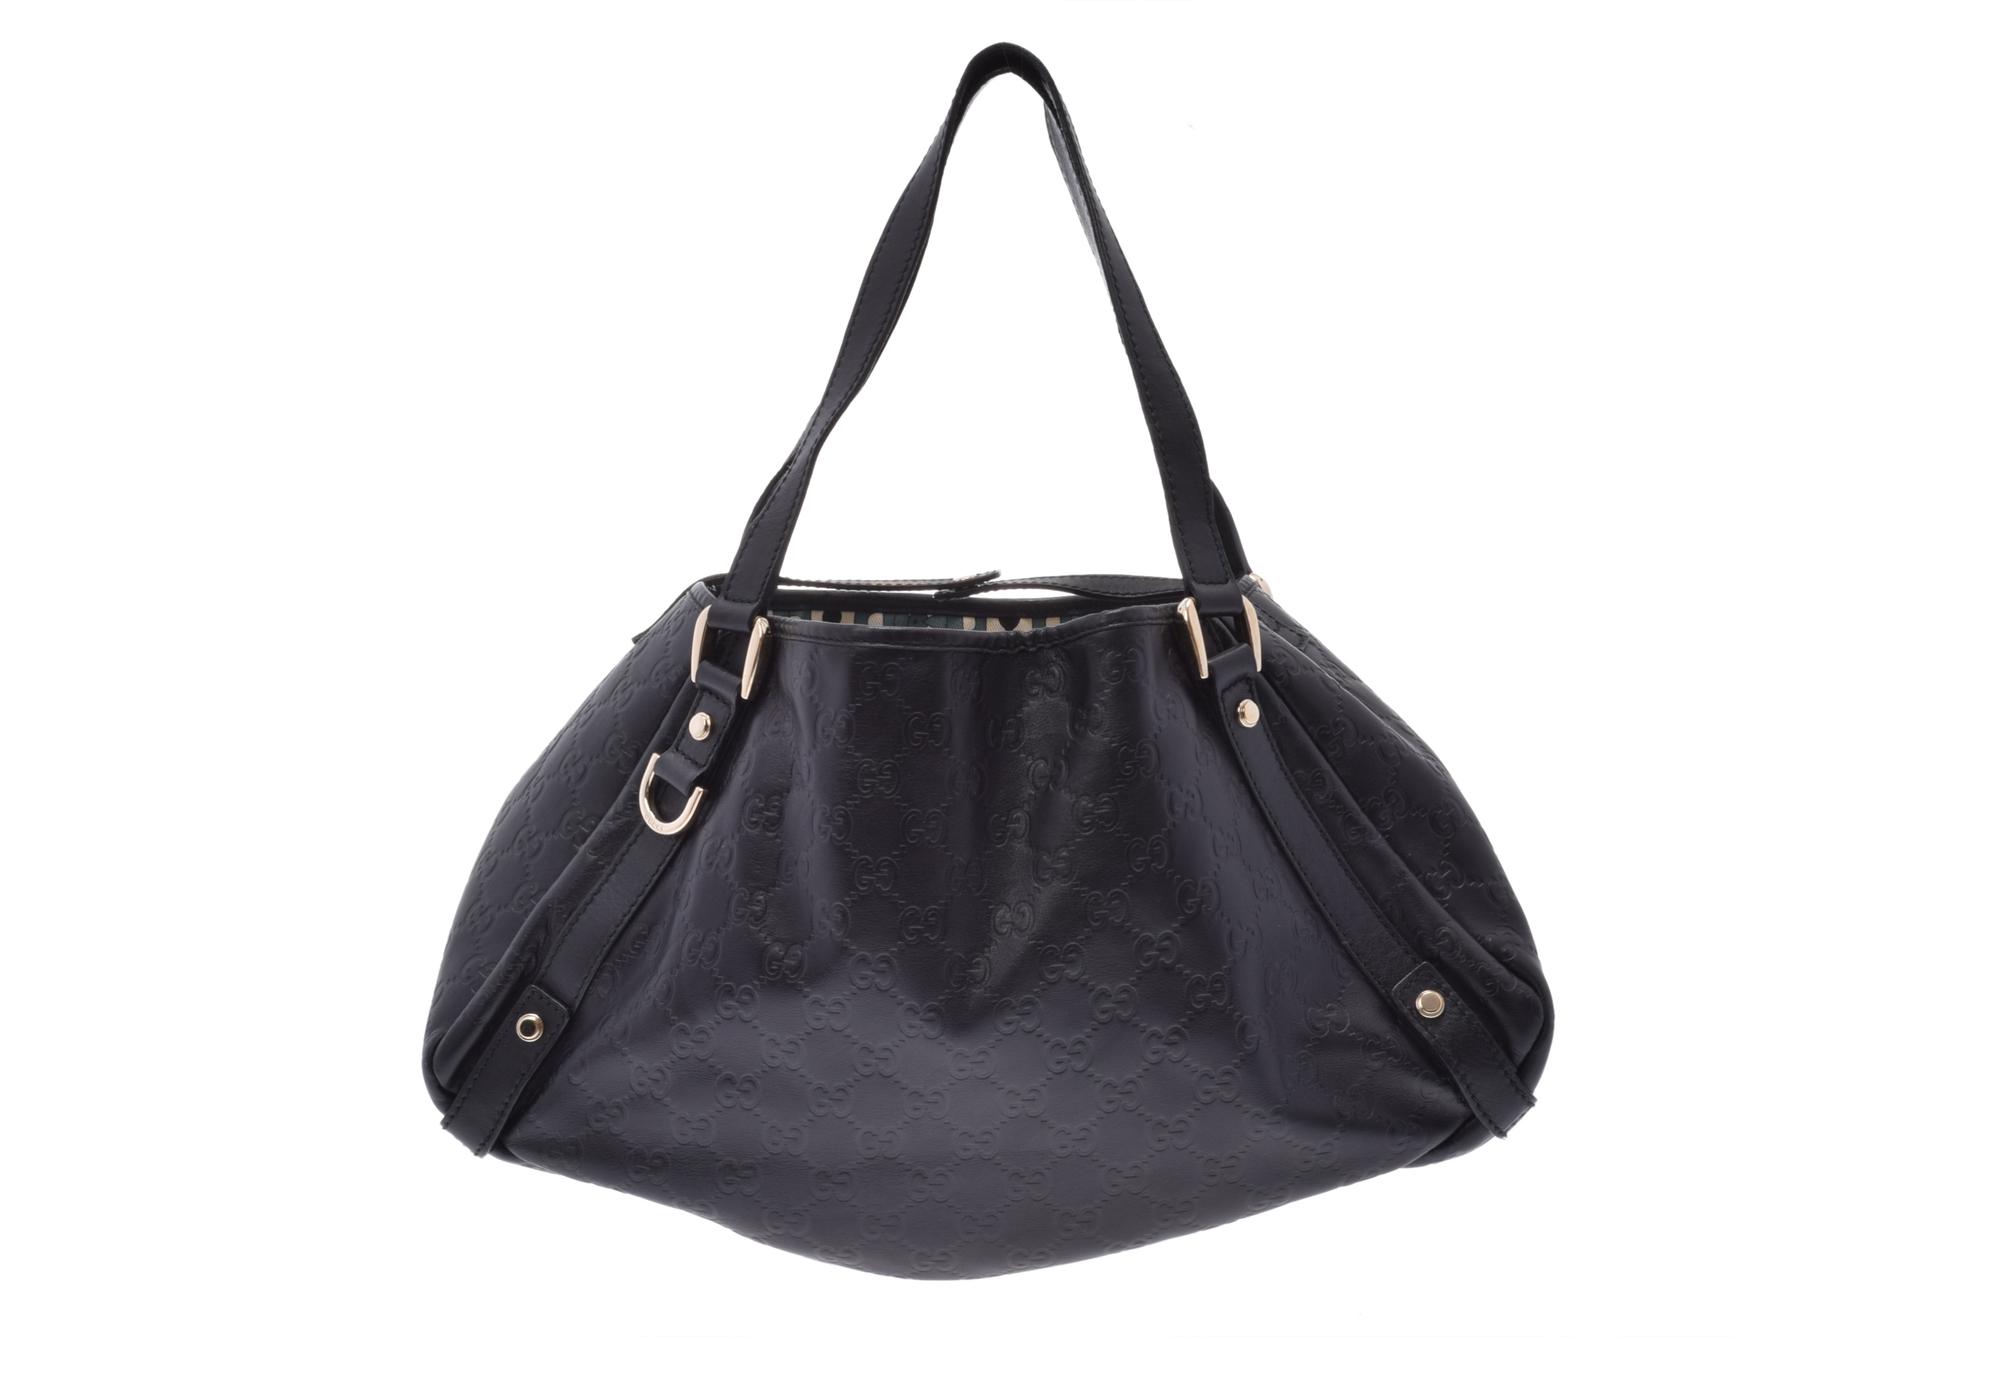 a57066e9093 Authentic Gucci Guccissima Leather Tote Bag Black 805000921623000